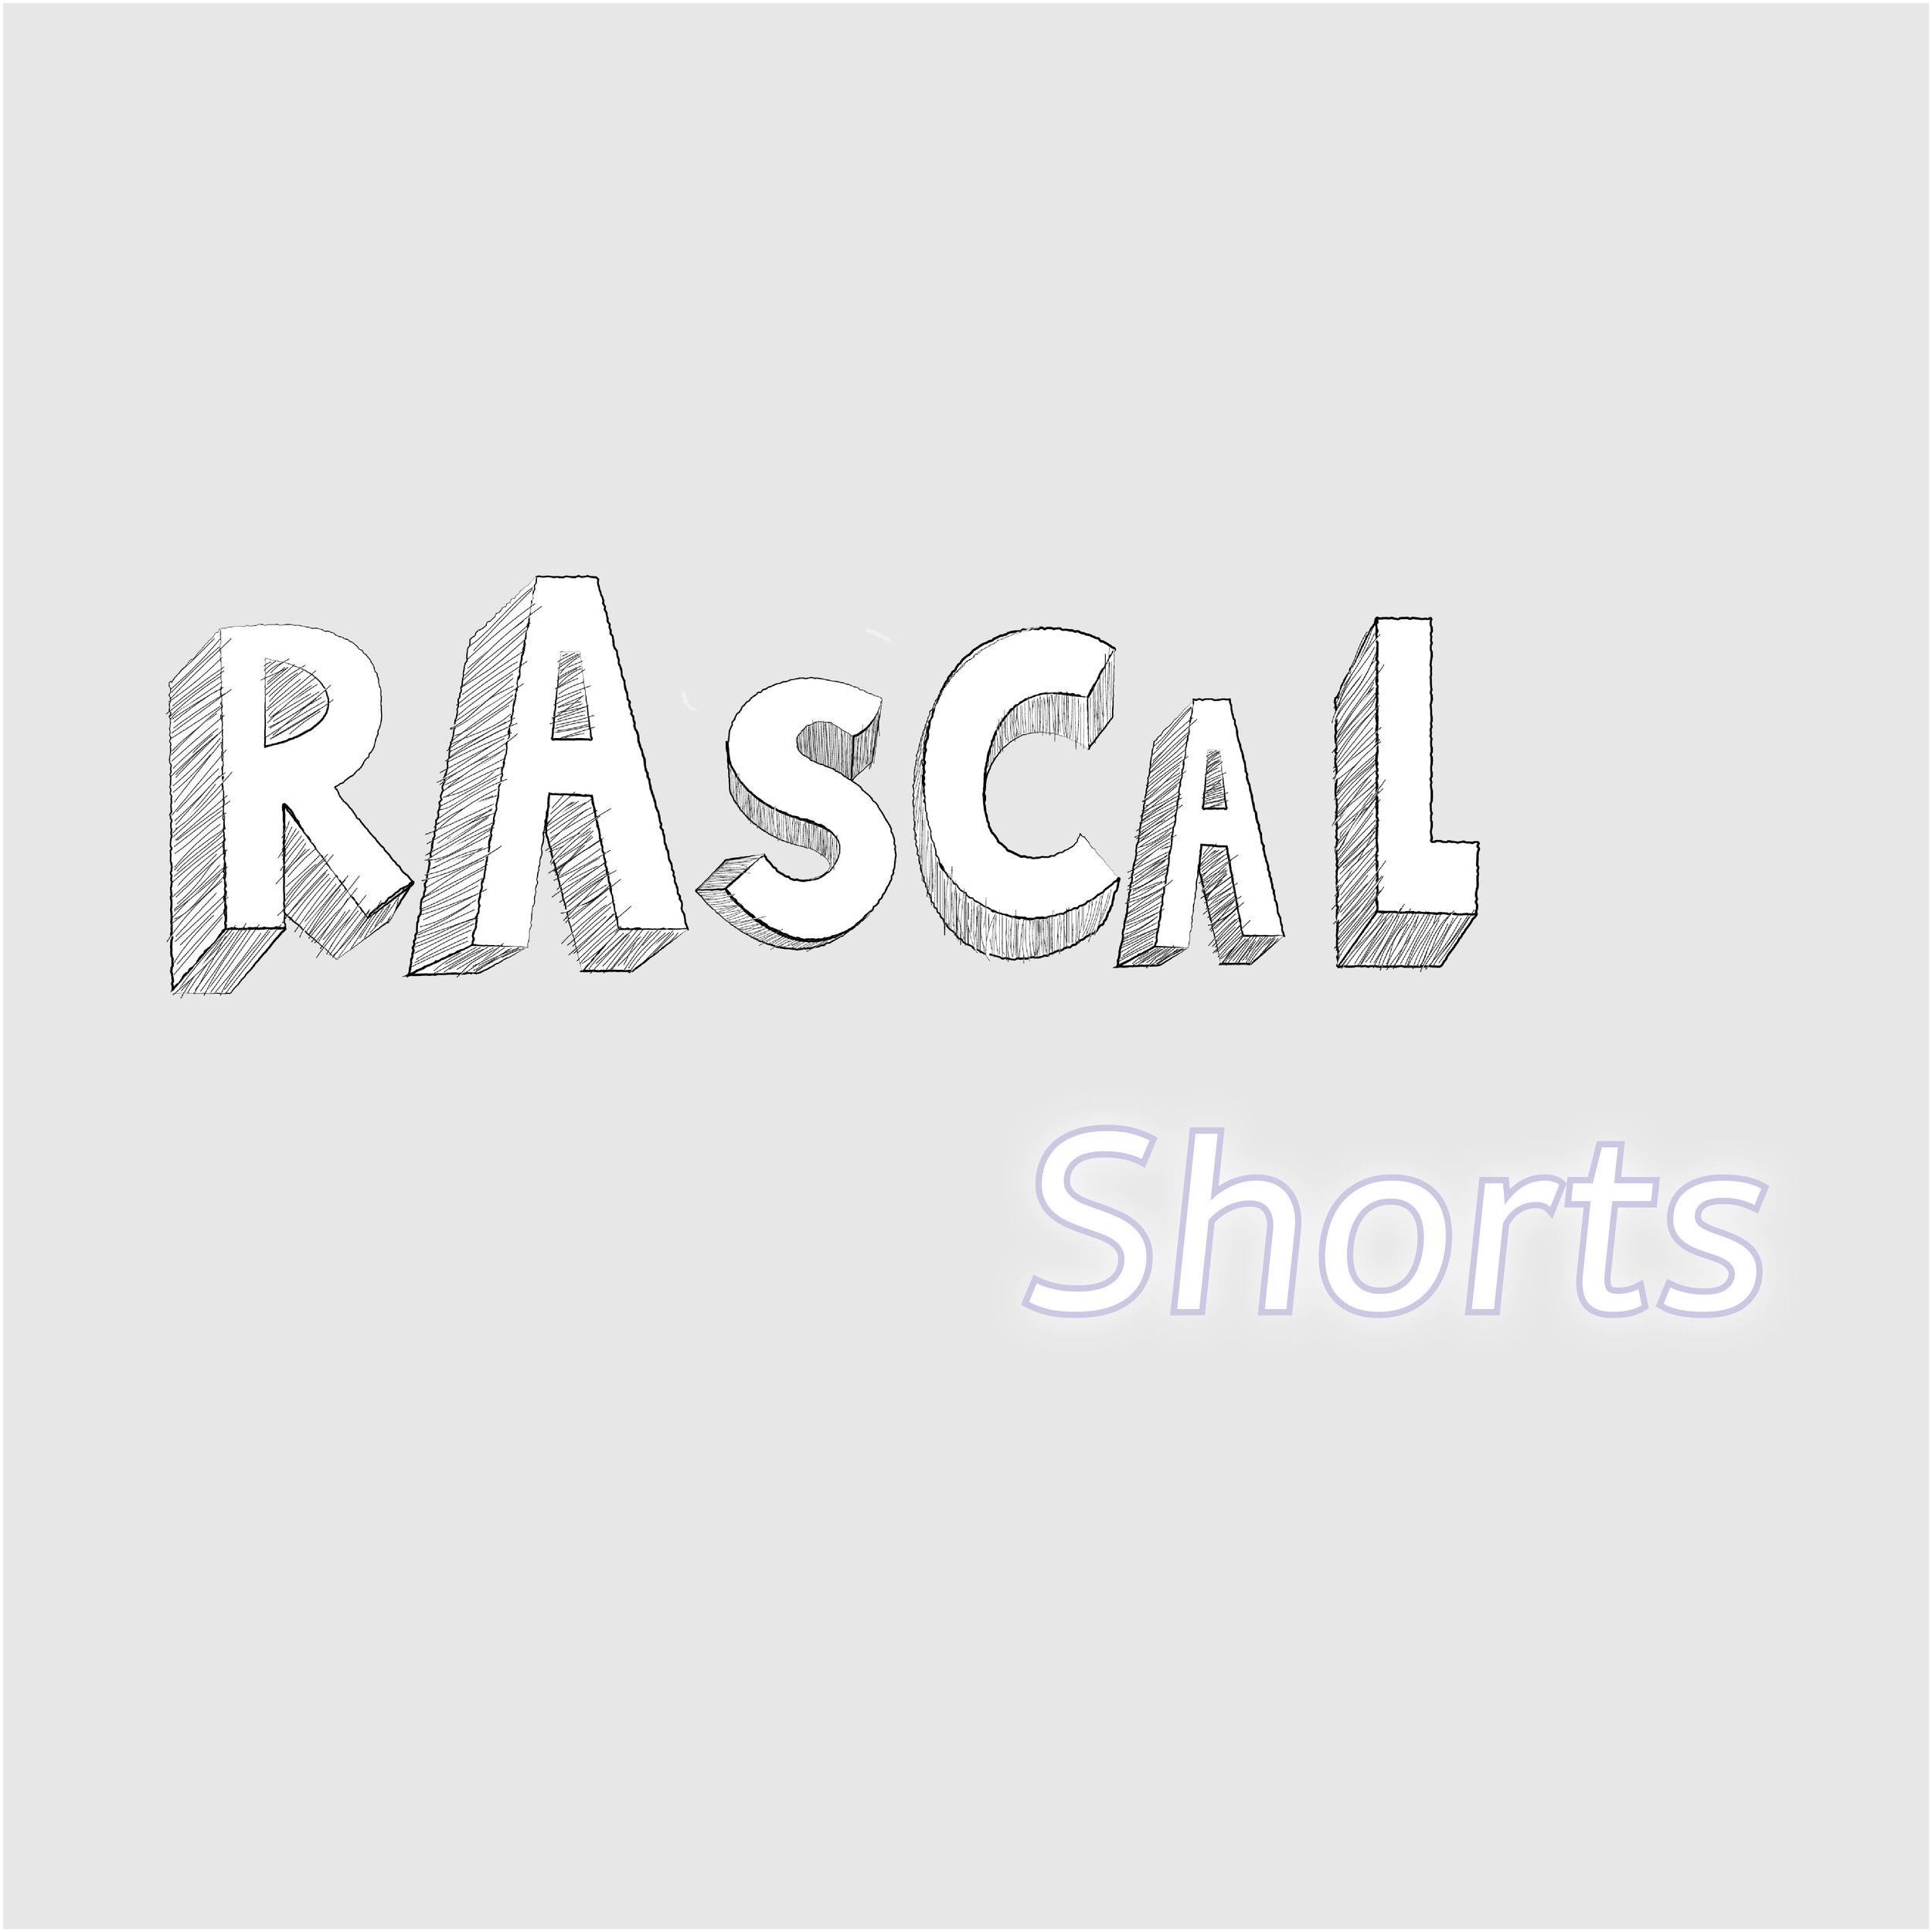 Rascal Shorts Image 4.jpg